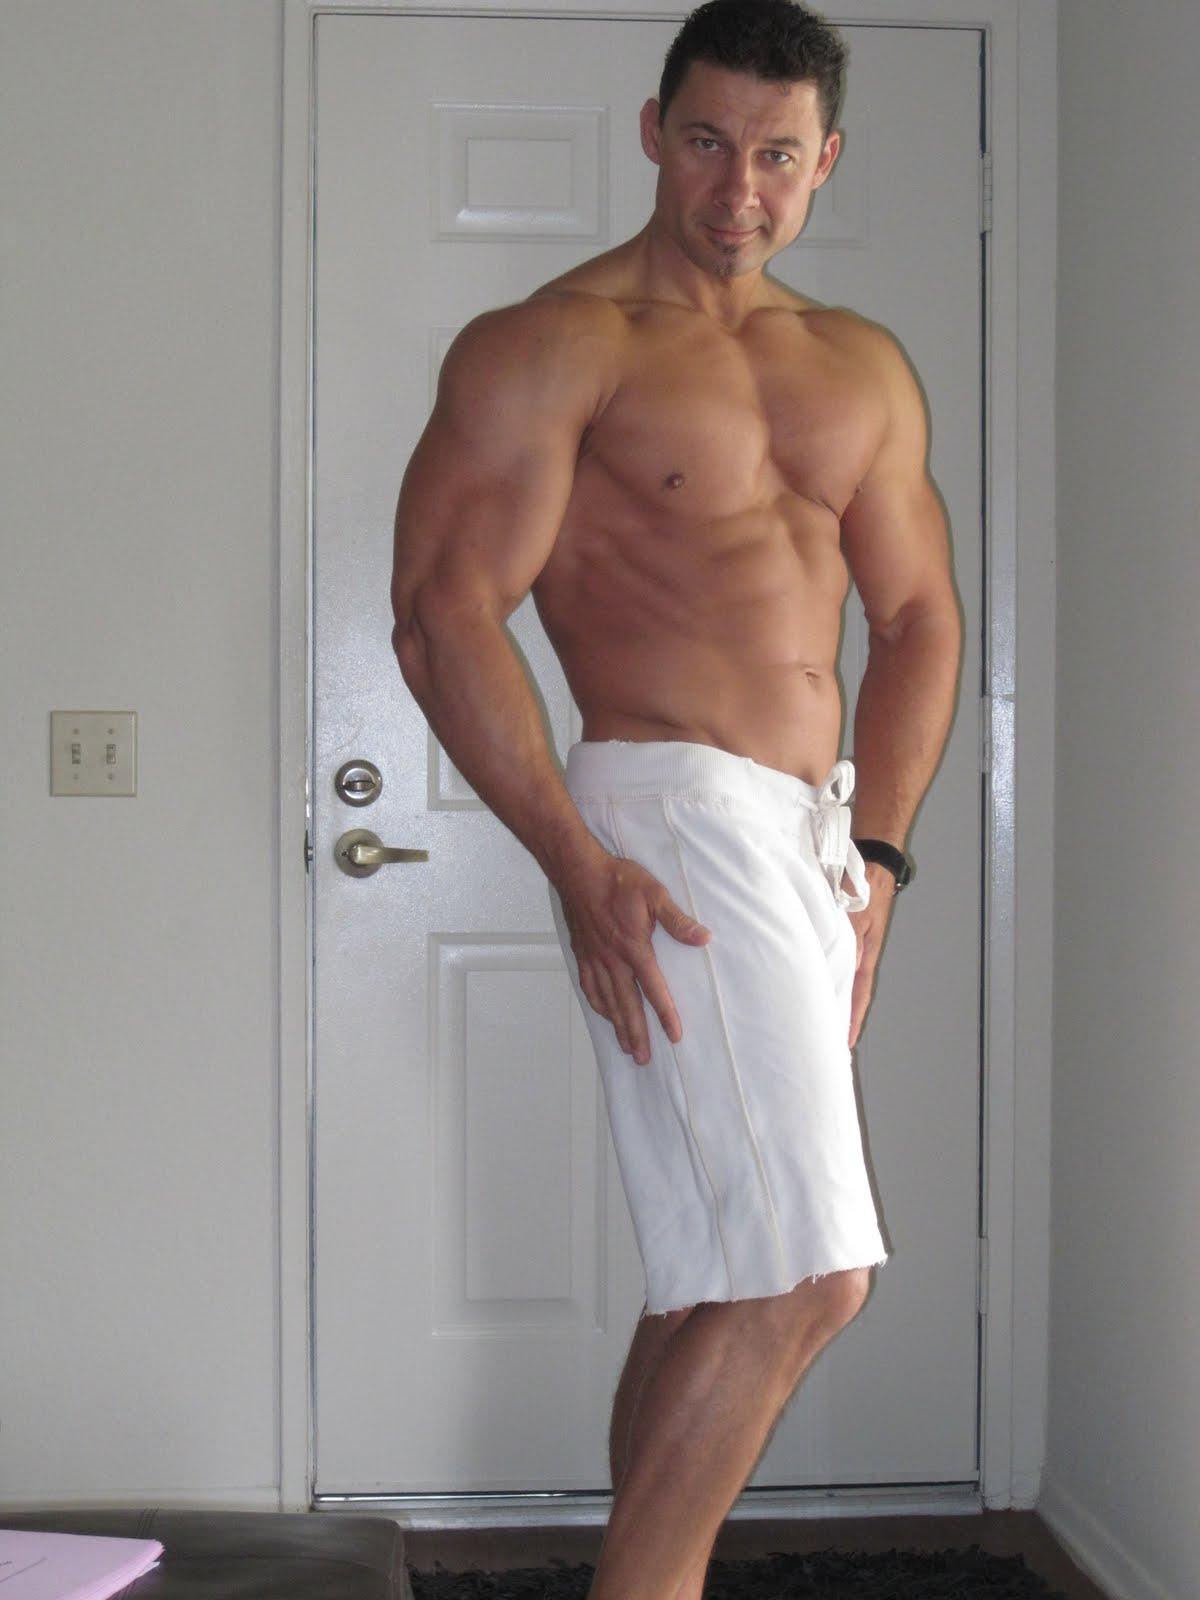 Male movie stars nude scenes